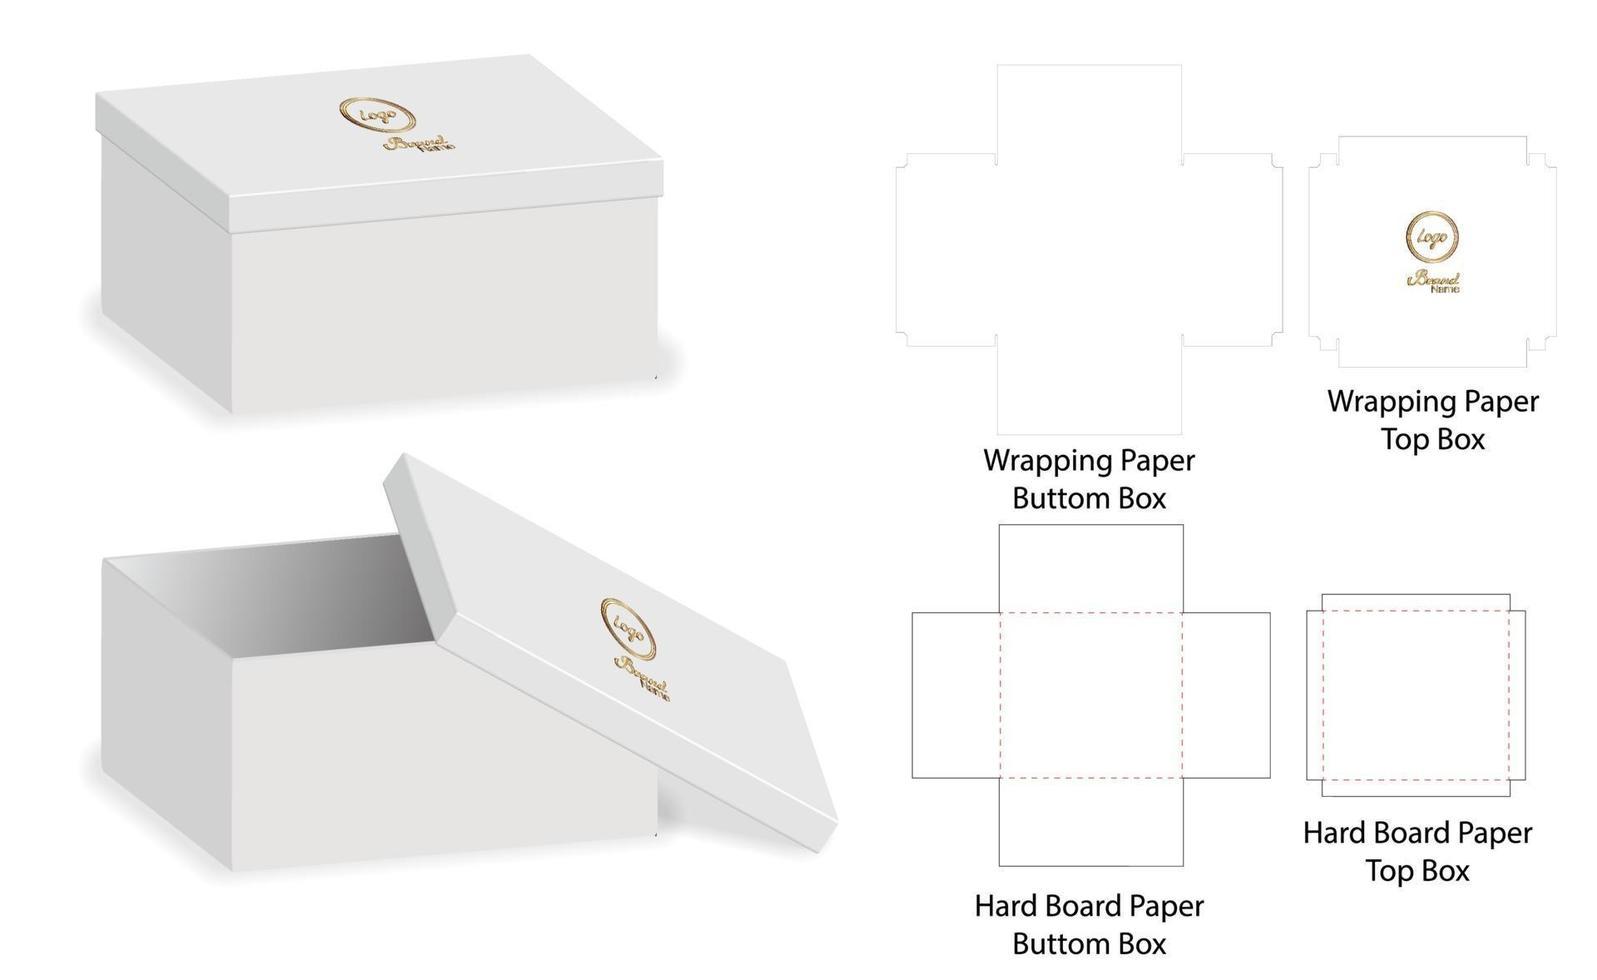 låda förpackning stansad mall design. 3d mock-up vektor